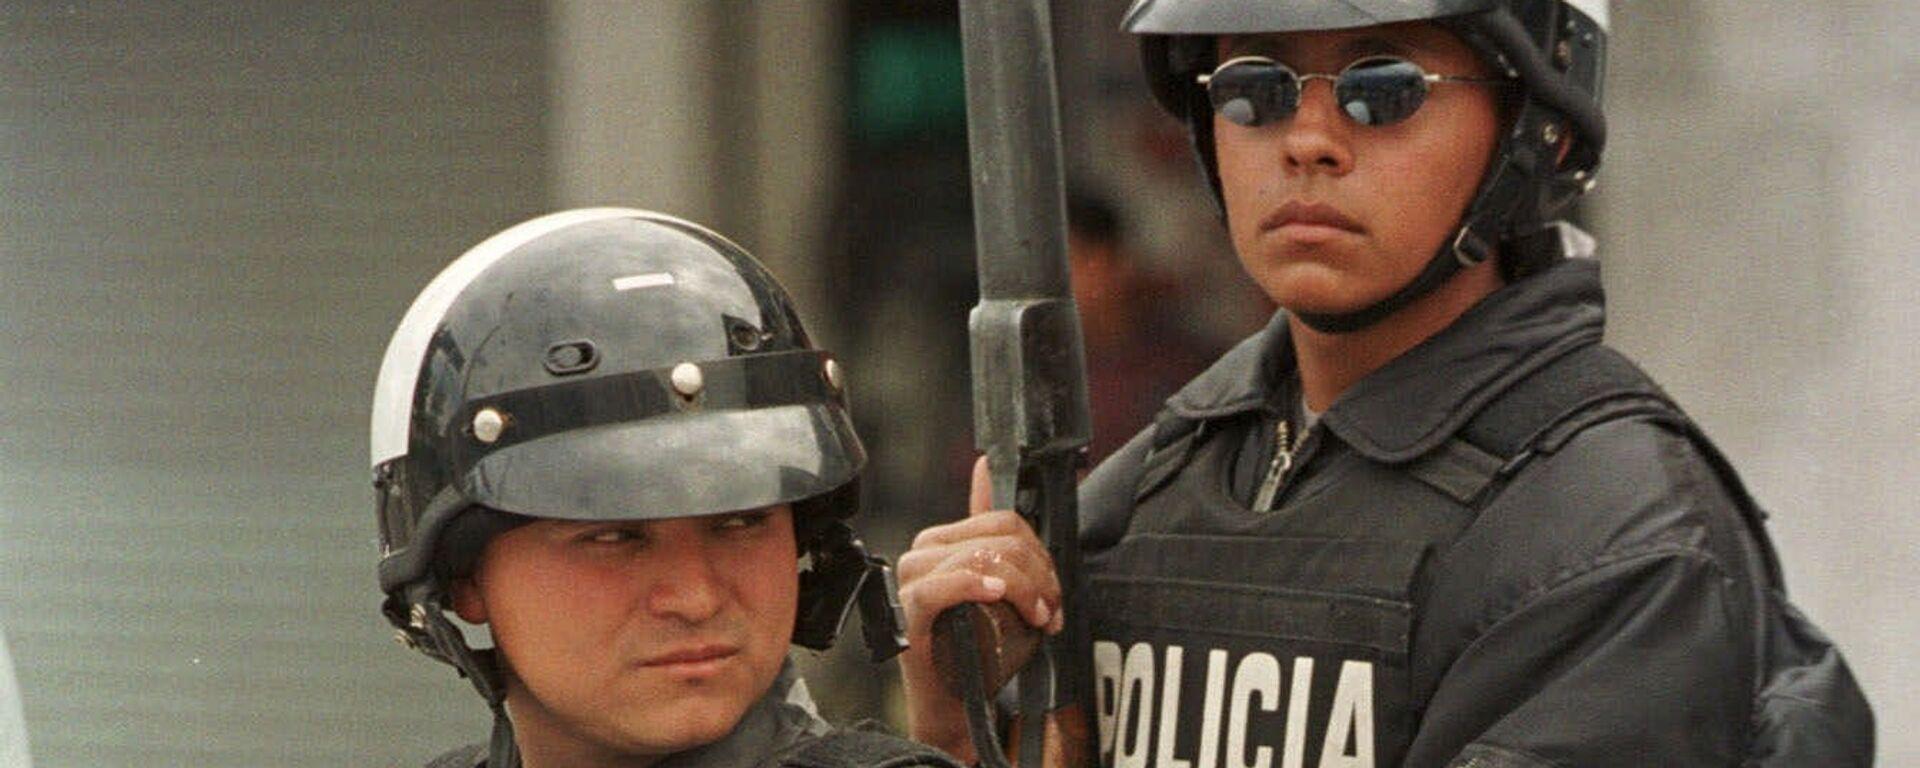 Policía de Ecuador (archivo) - Sputnik Mundo, 1920, 15.09.2021